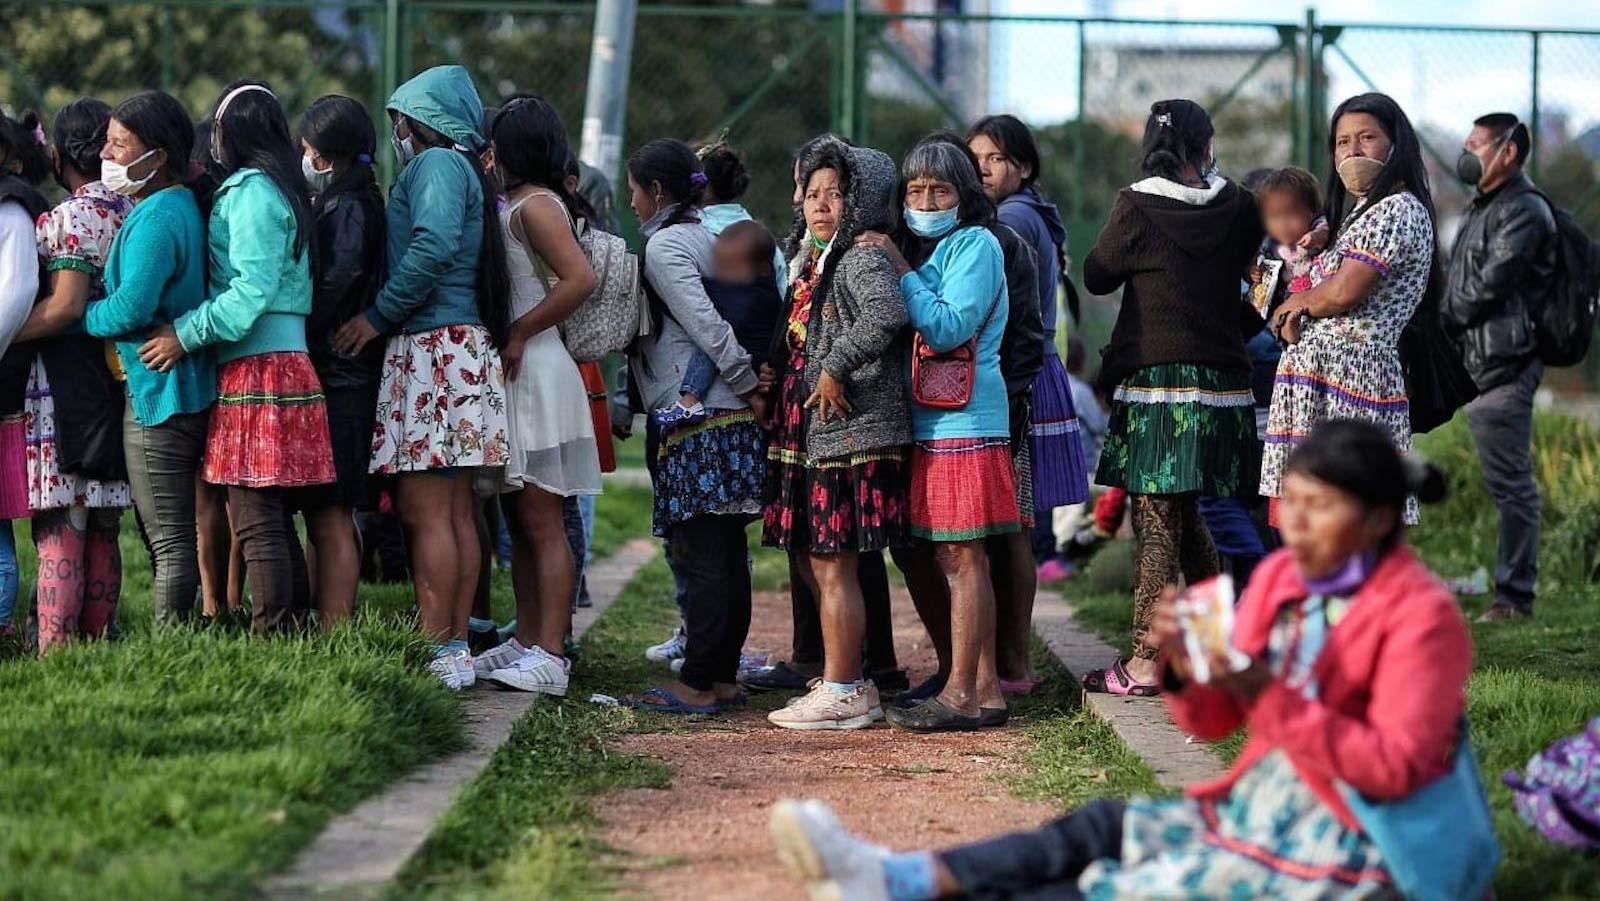 EN VIDEO |  Más de 100 familias indígenas pasaron la noche en el parque Tercer Milenio